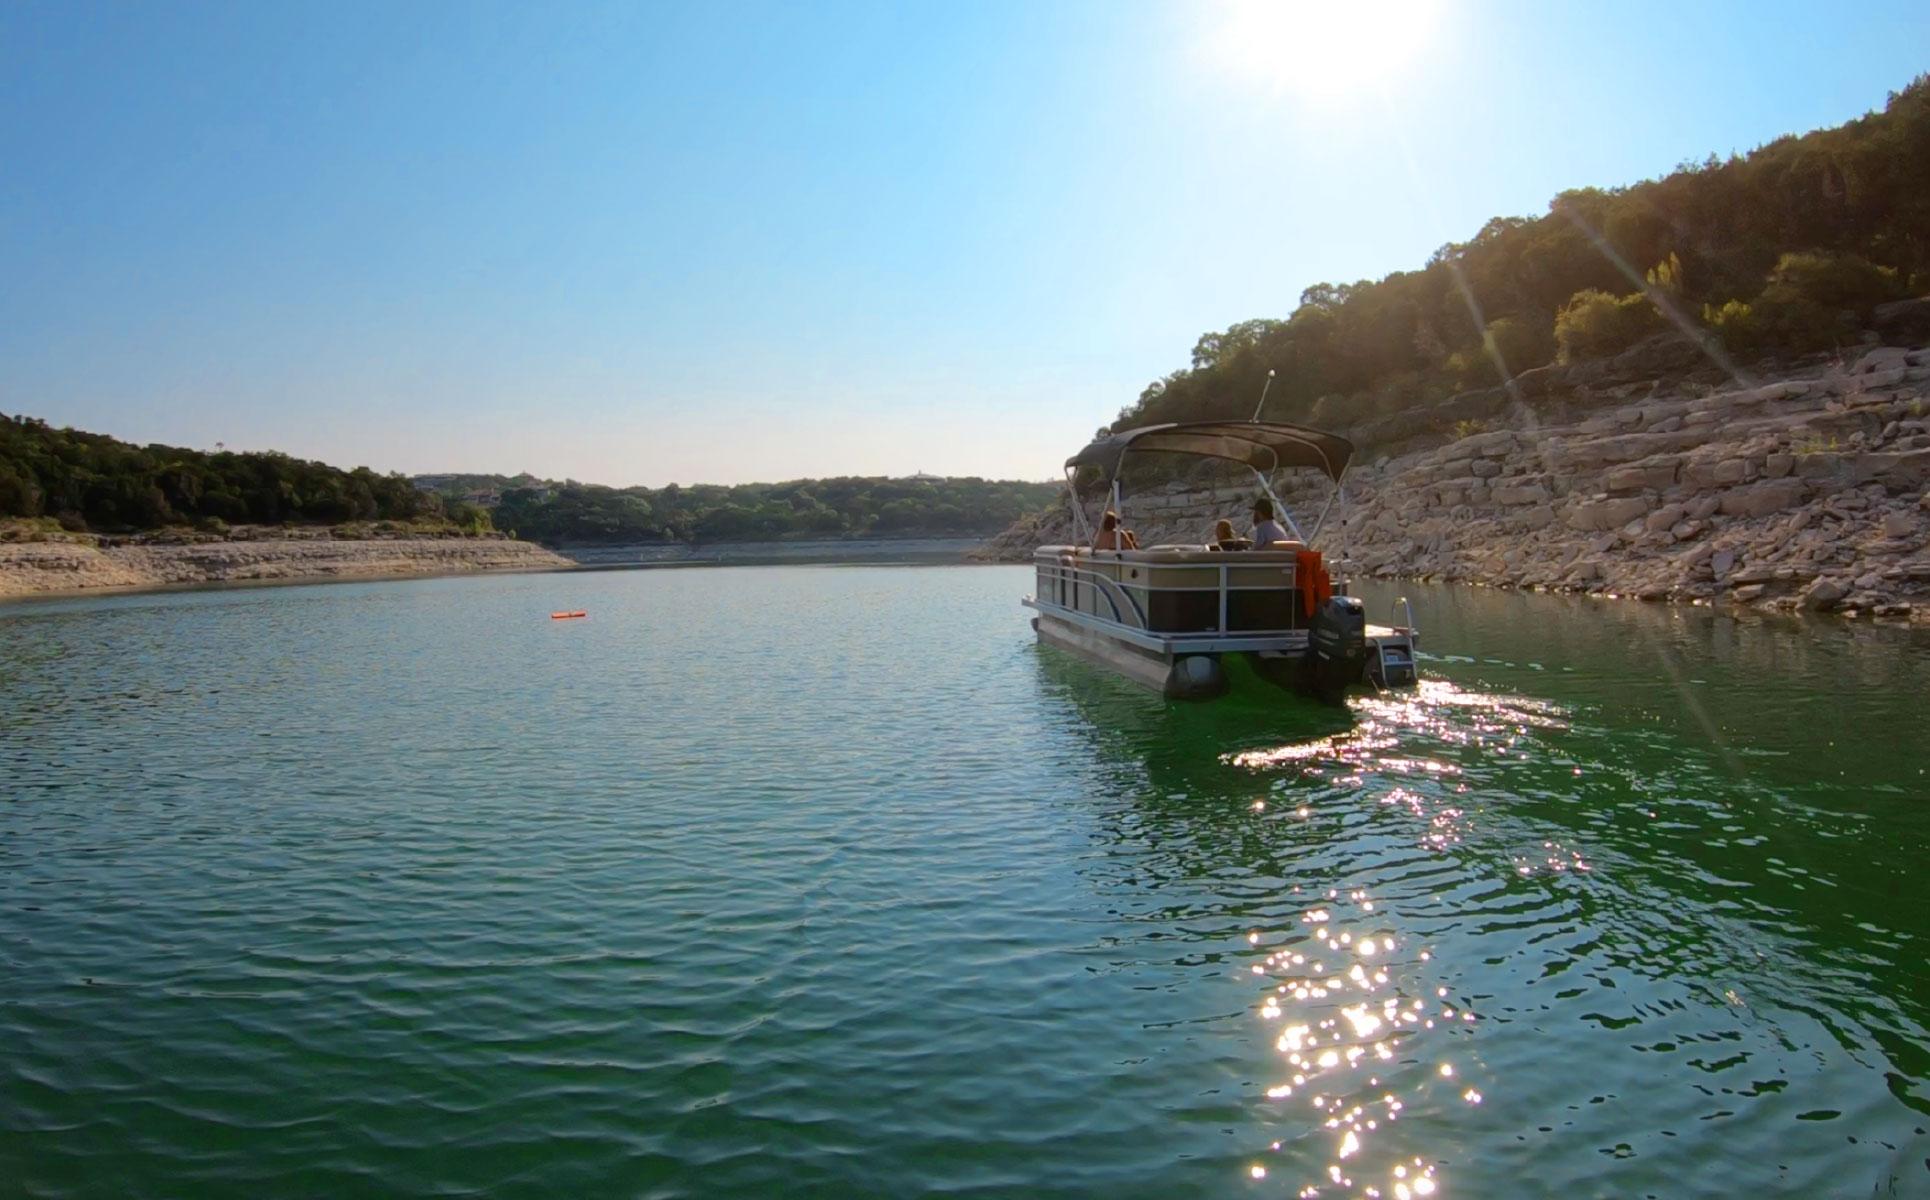 Pontoon Boats Just For Fun Watercraft Rental On Lake Travis